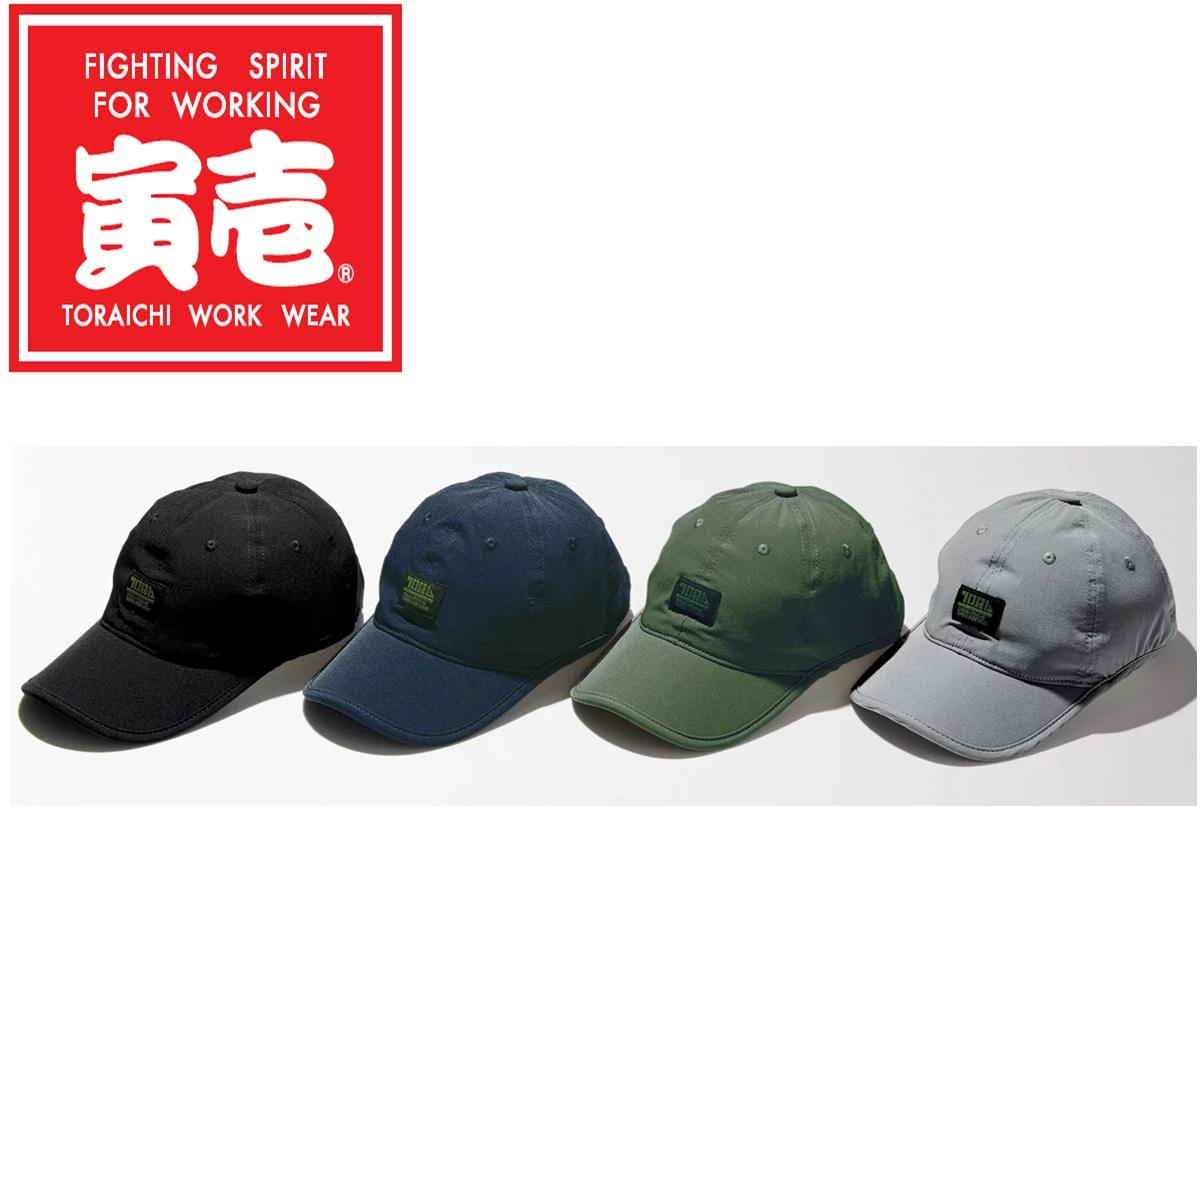 ナイロン素材のCAPで、カジュアルテイストのワークウエアーに合わせやすい。 限定商品 TORAICHI 4812-912 寅壱 寅壱キャップ フリーサイズ 4812 912 限定商品 帽子